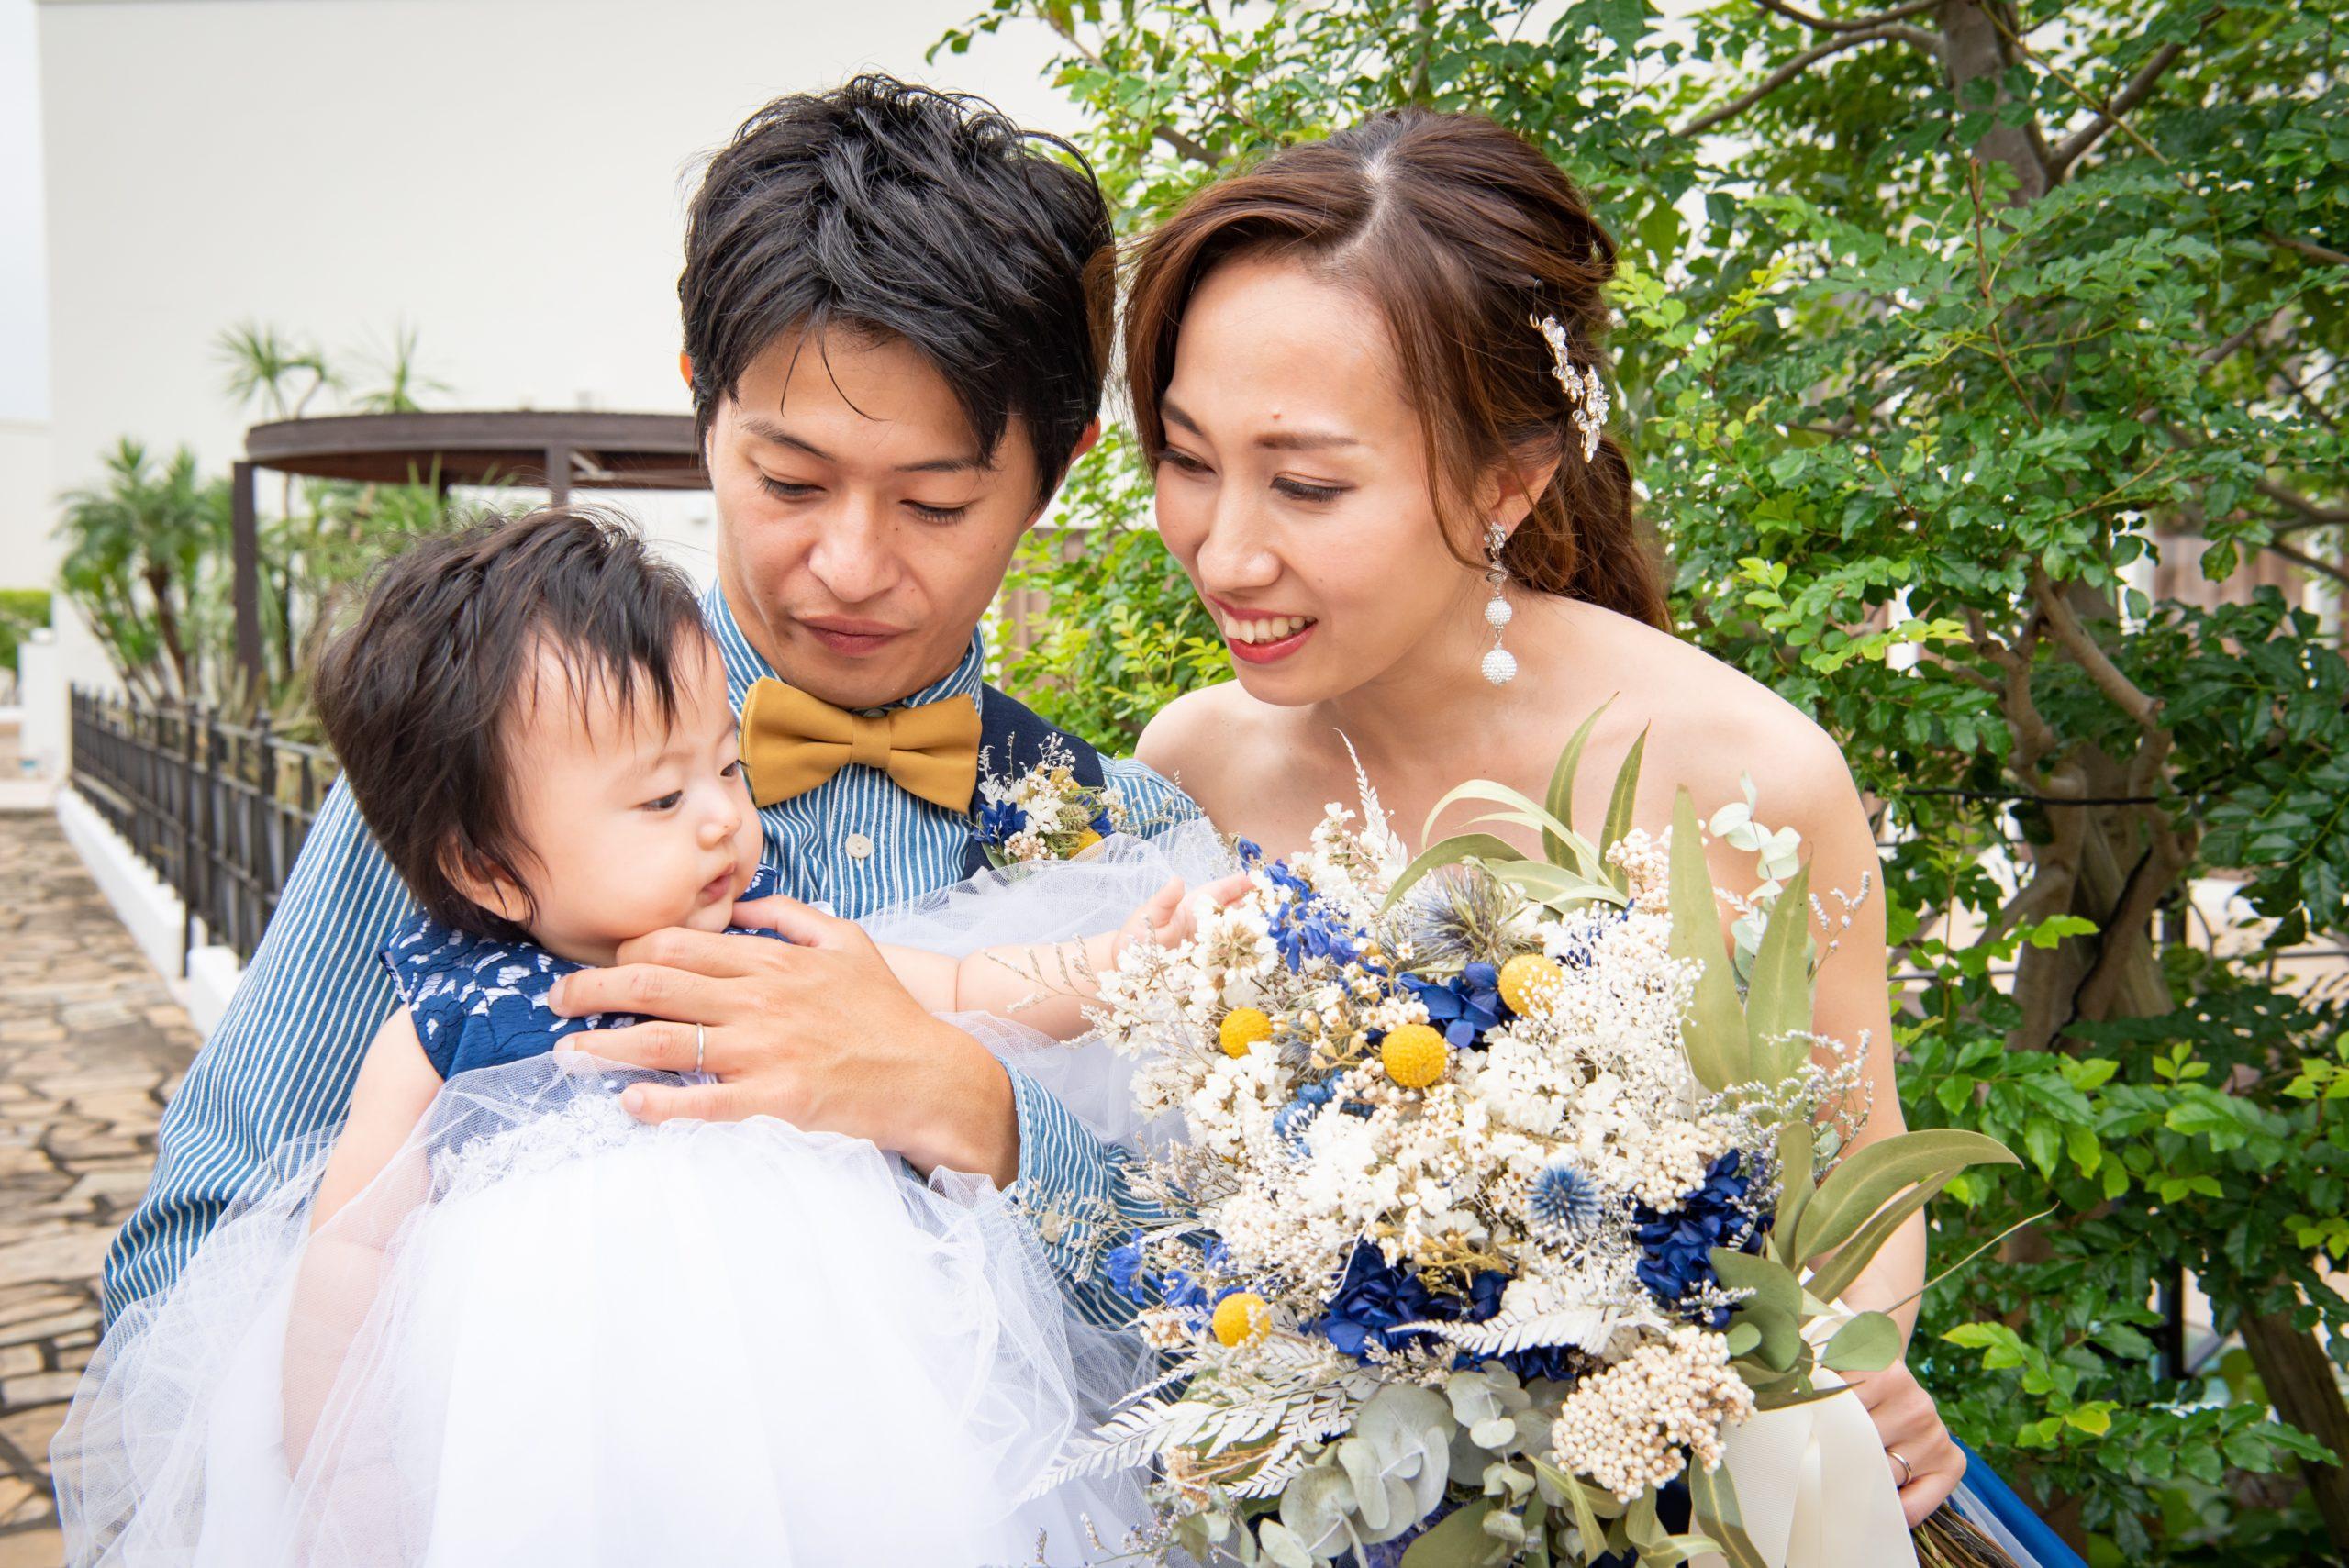 徳島市の結婚式場ブランアンジュでお子様と新郎新婦の3人で記念写真